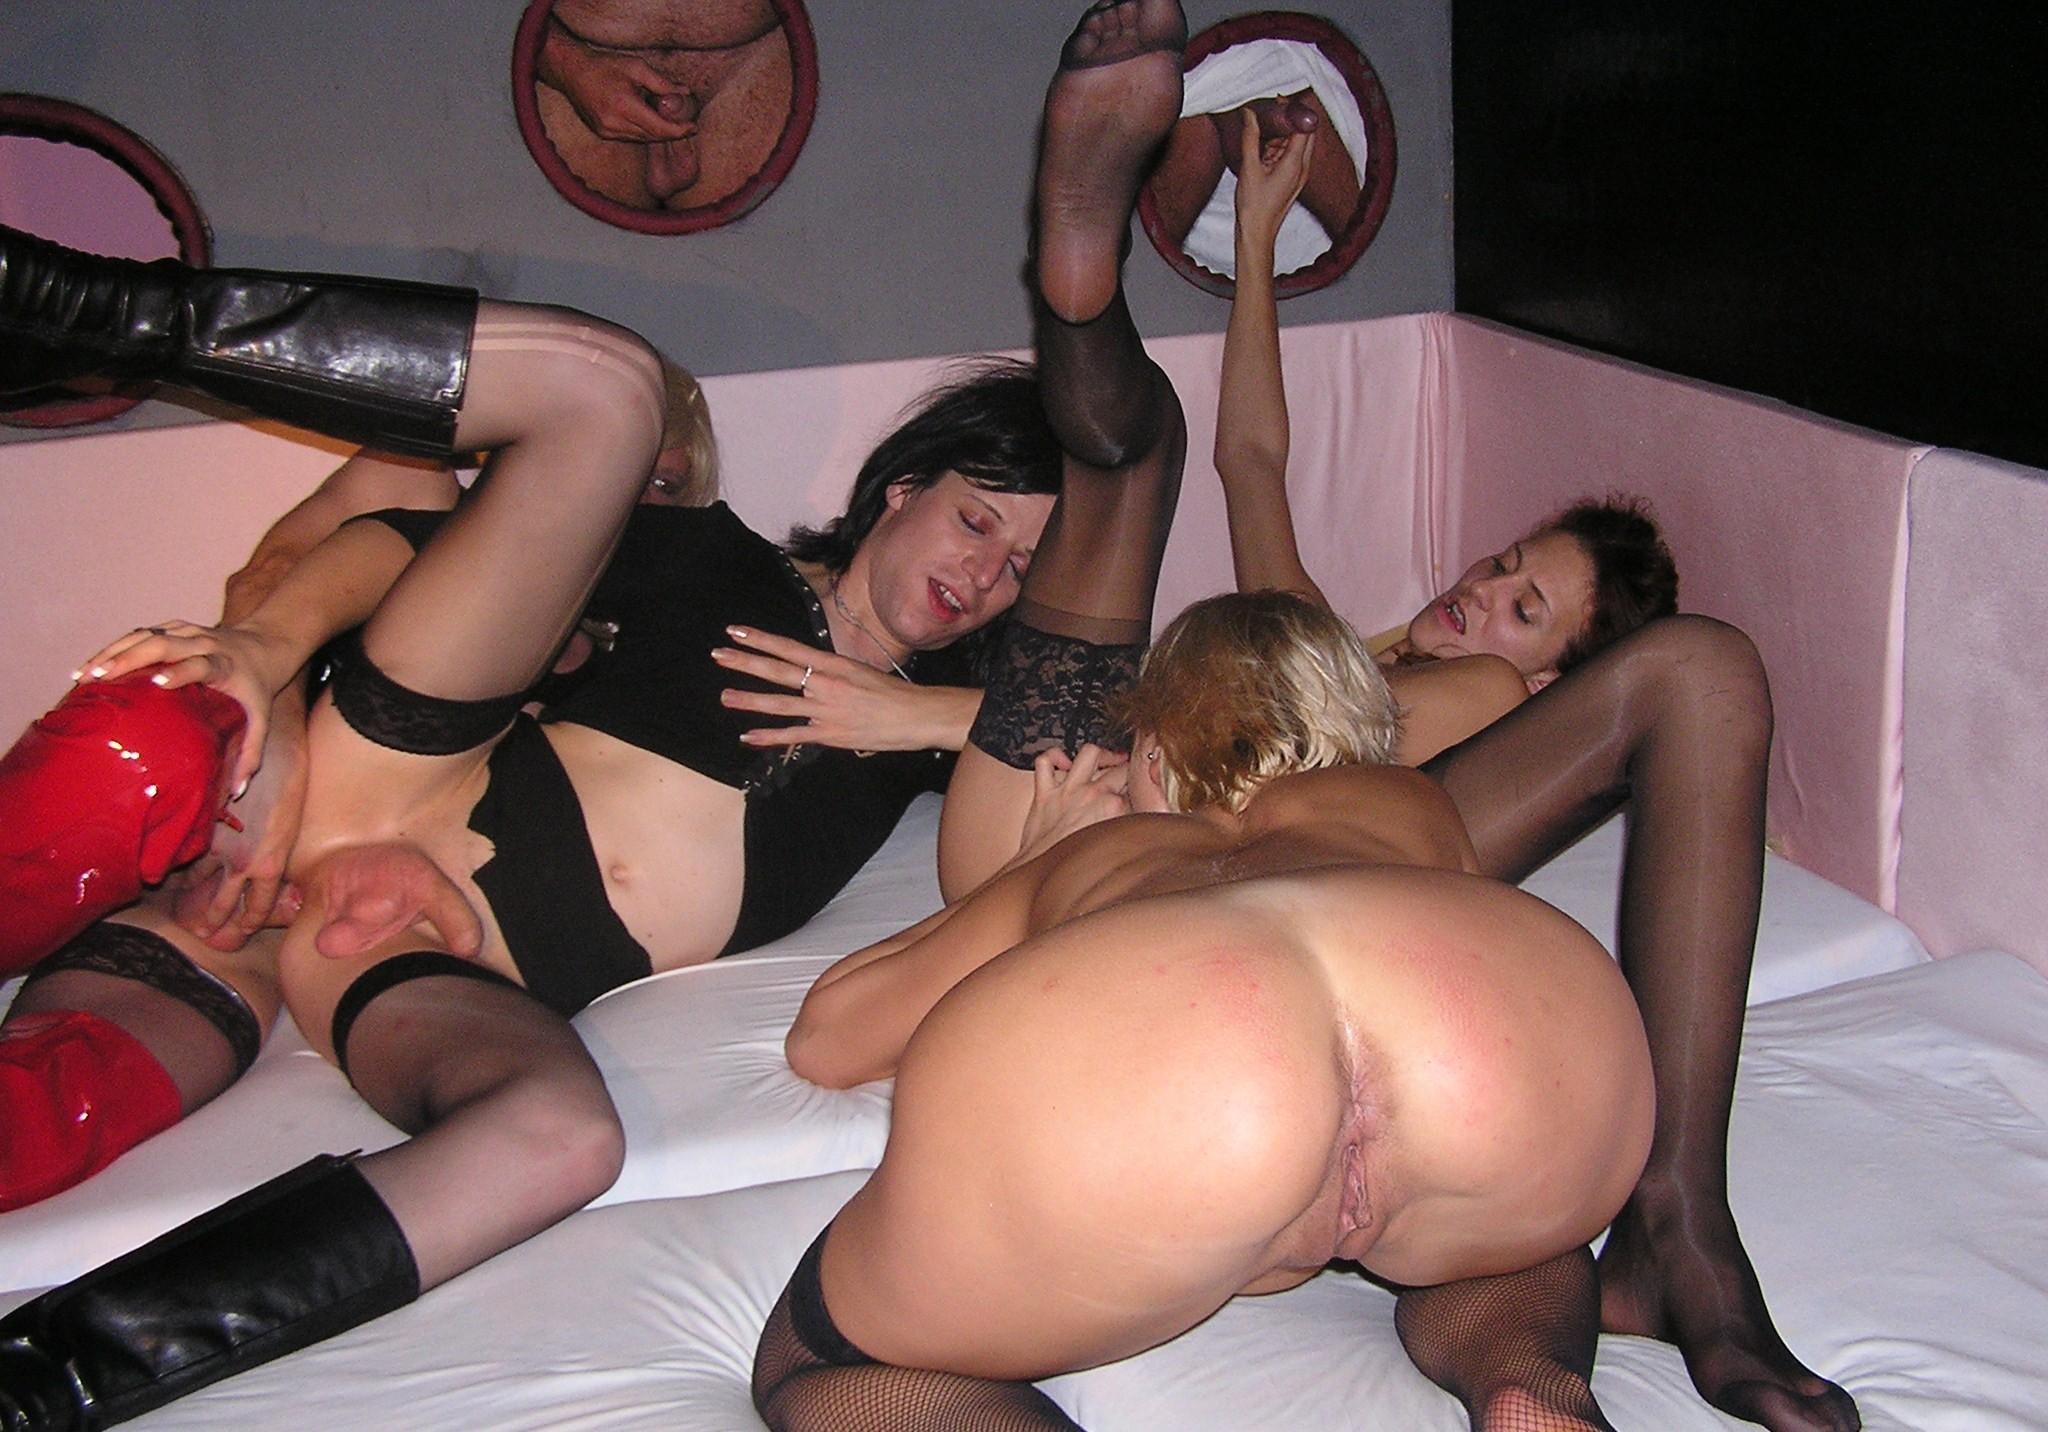 Свинг порно би, Порно бисексуалы свингеры - 33 видео. Смотреть 16 фотография